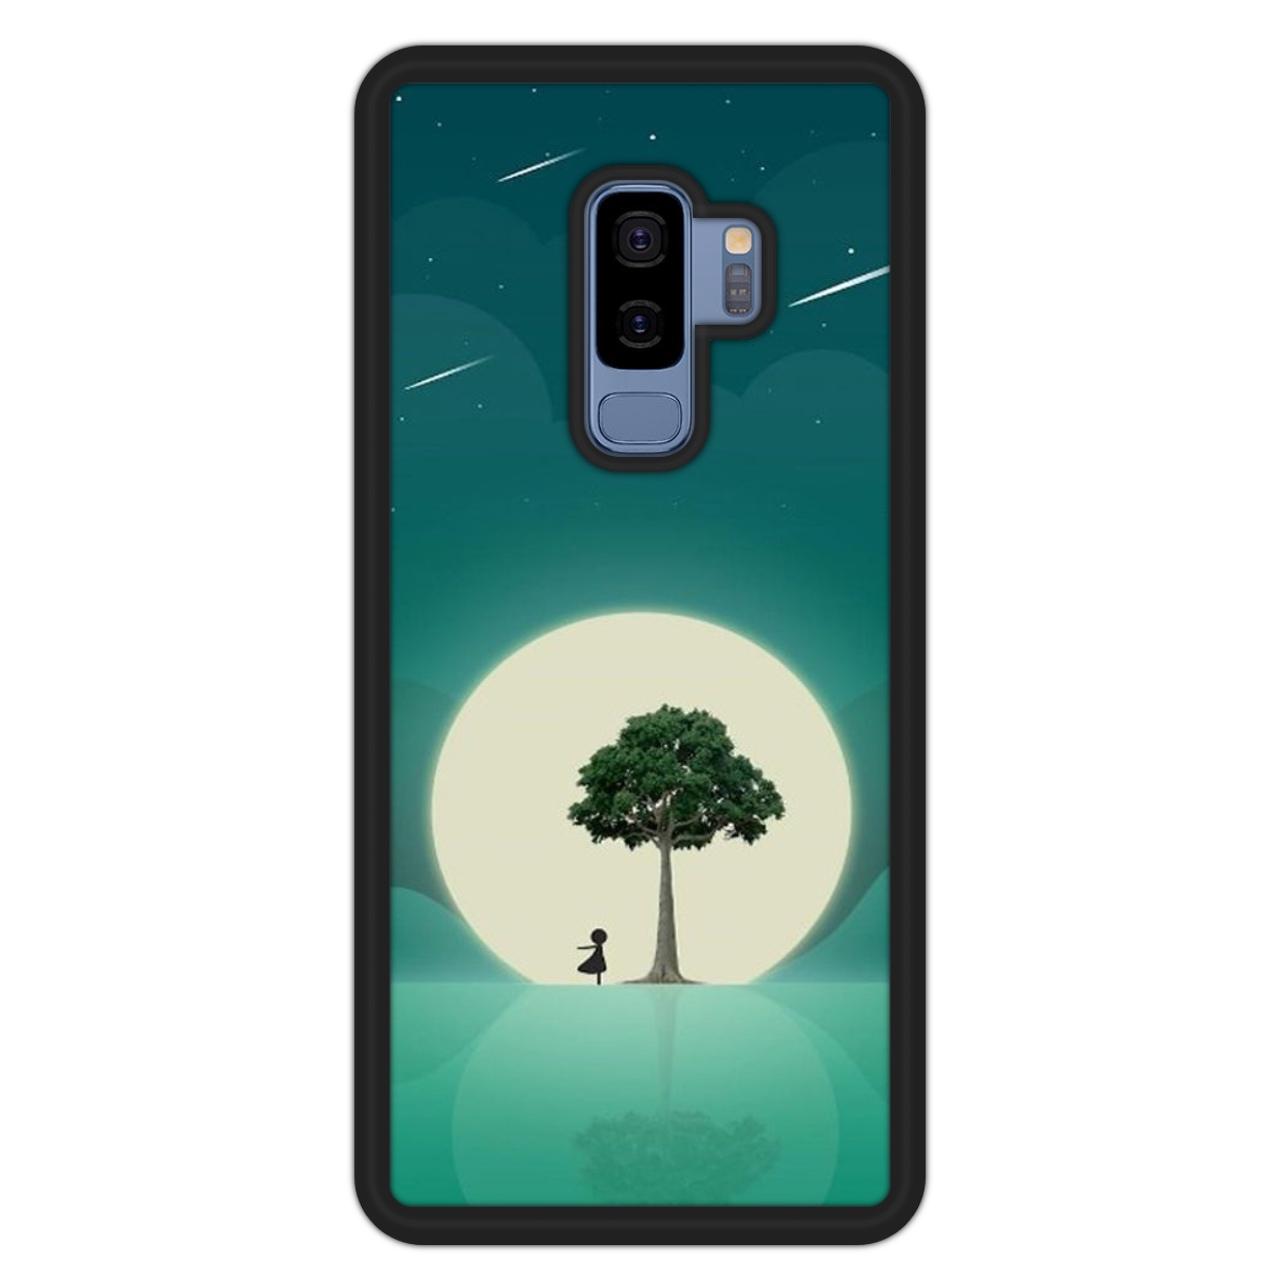 کاور مدل AS9P0256 مناسب برای گوشی موبایل سامسونگ Galaxy S9 plus